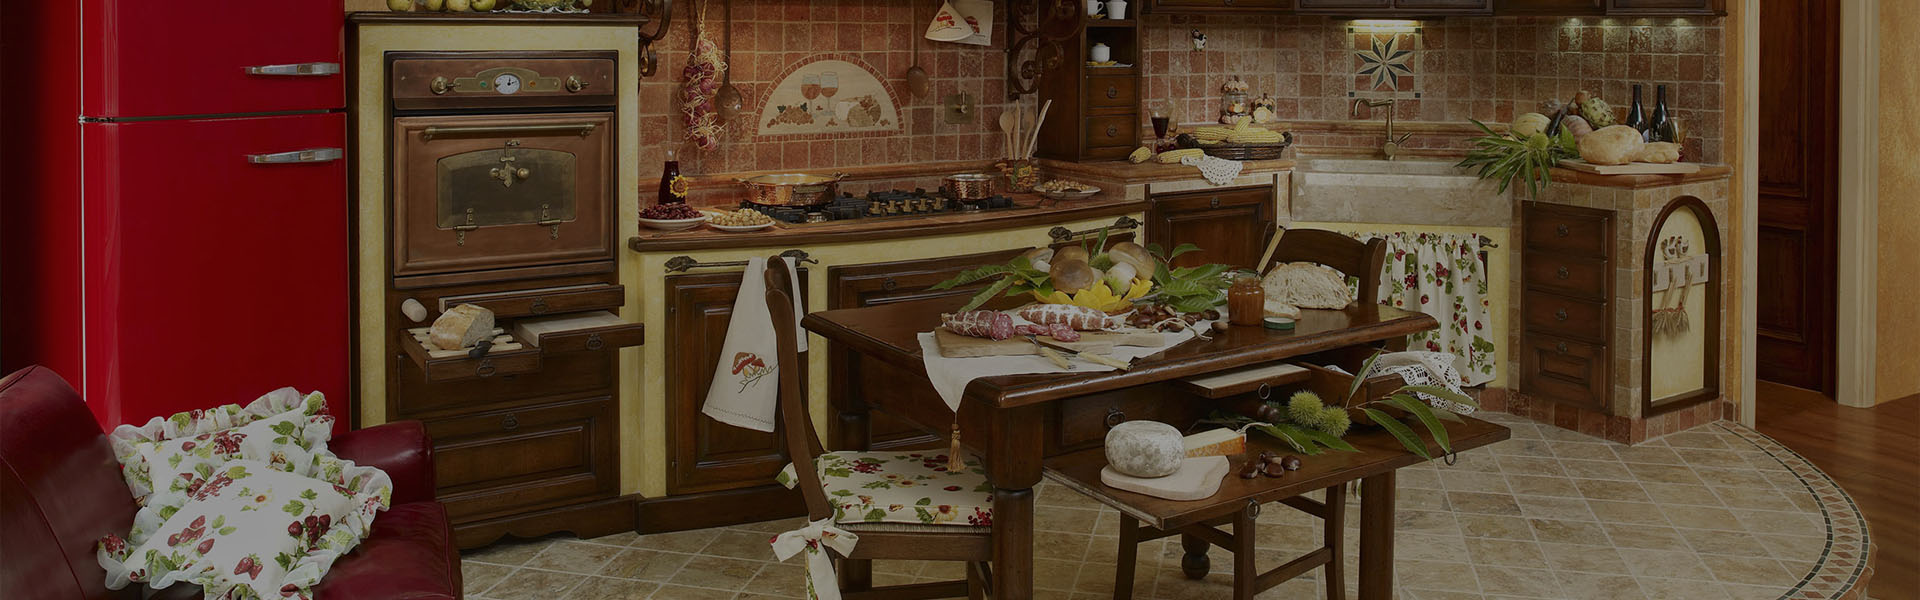 Cucine rustiche in muratura fonte del rustico - Oggettistica per cucina ...